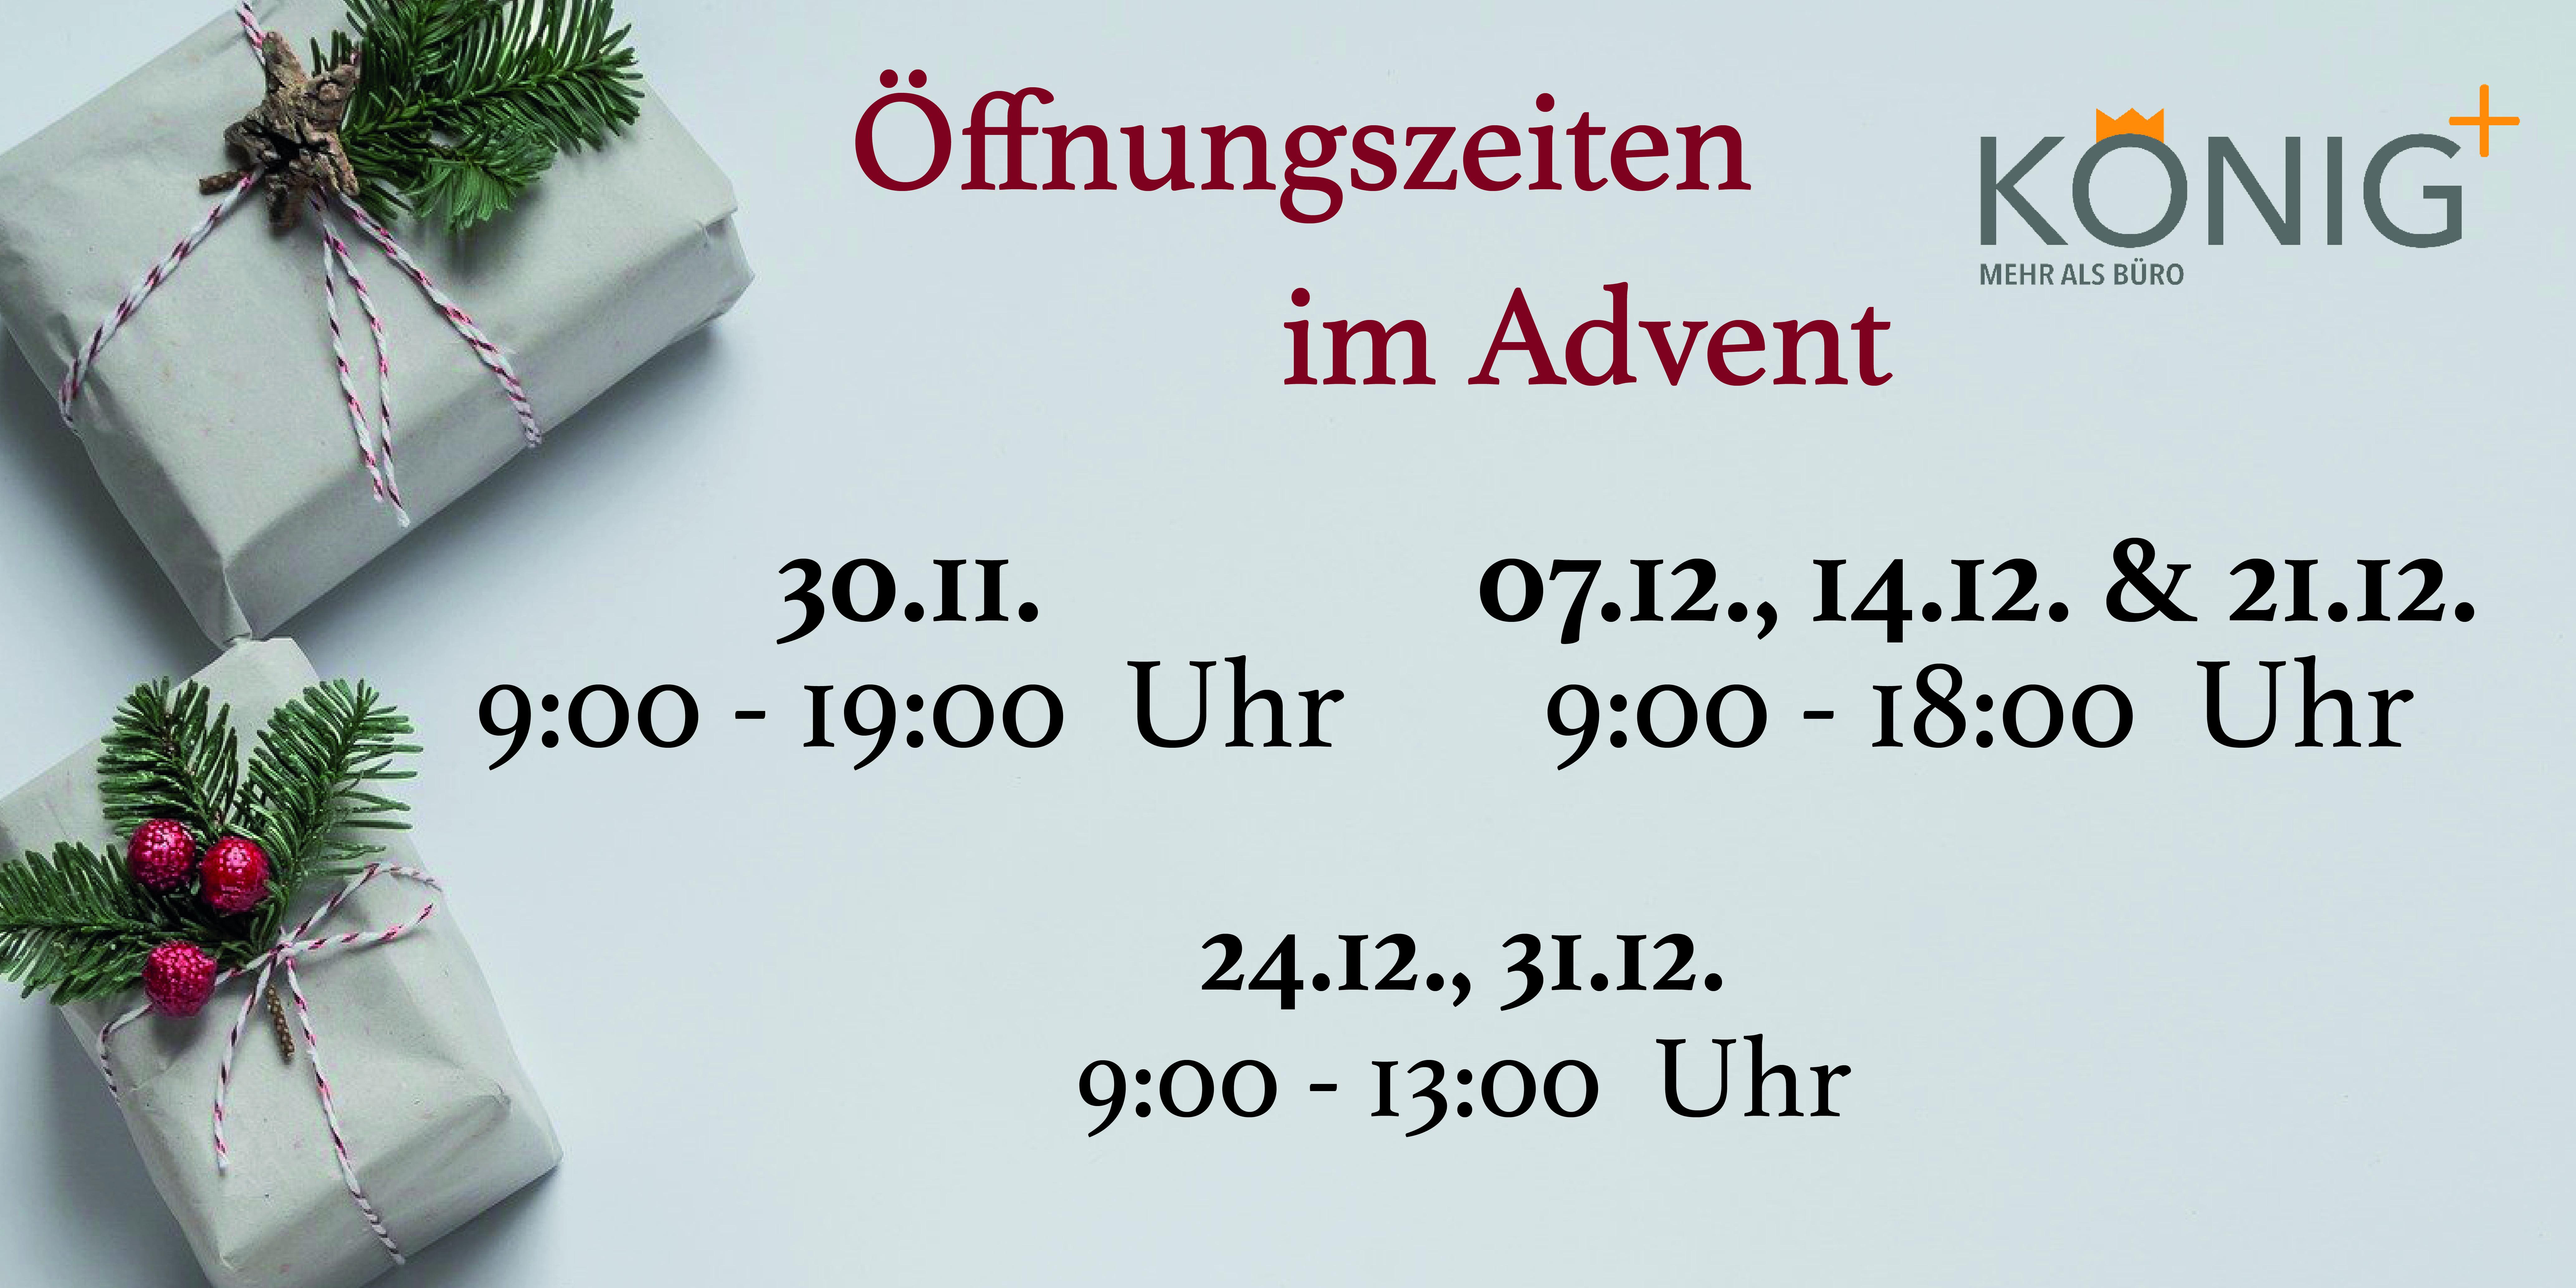 ffnungszeiten-Advent-BannerJimMYyCUlDqU1